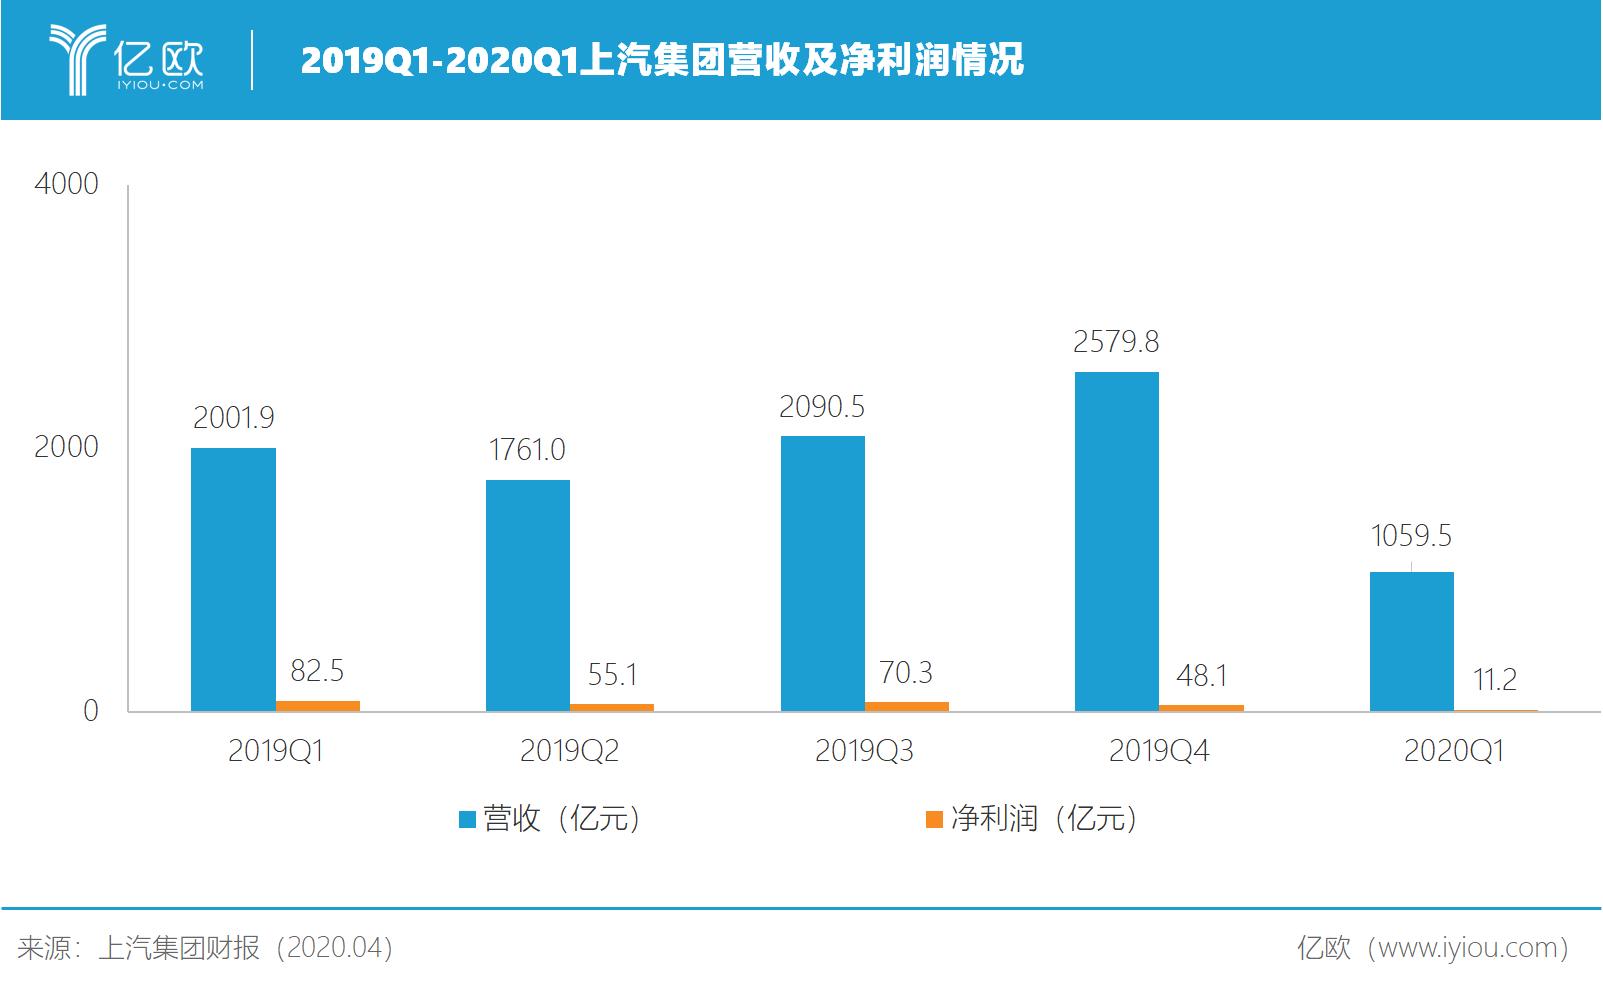 2019Q1-2020Q1上汽集团营收及利润情况